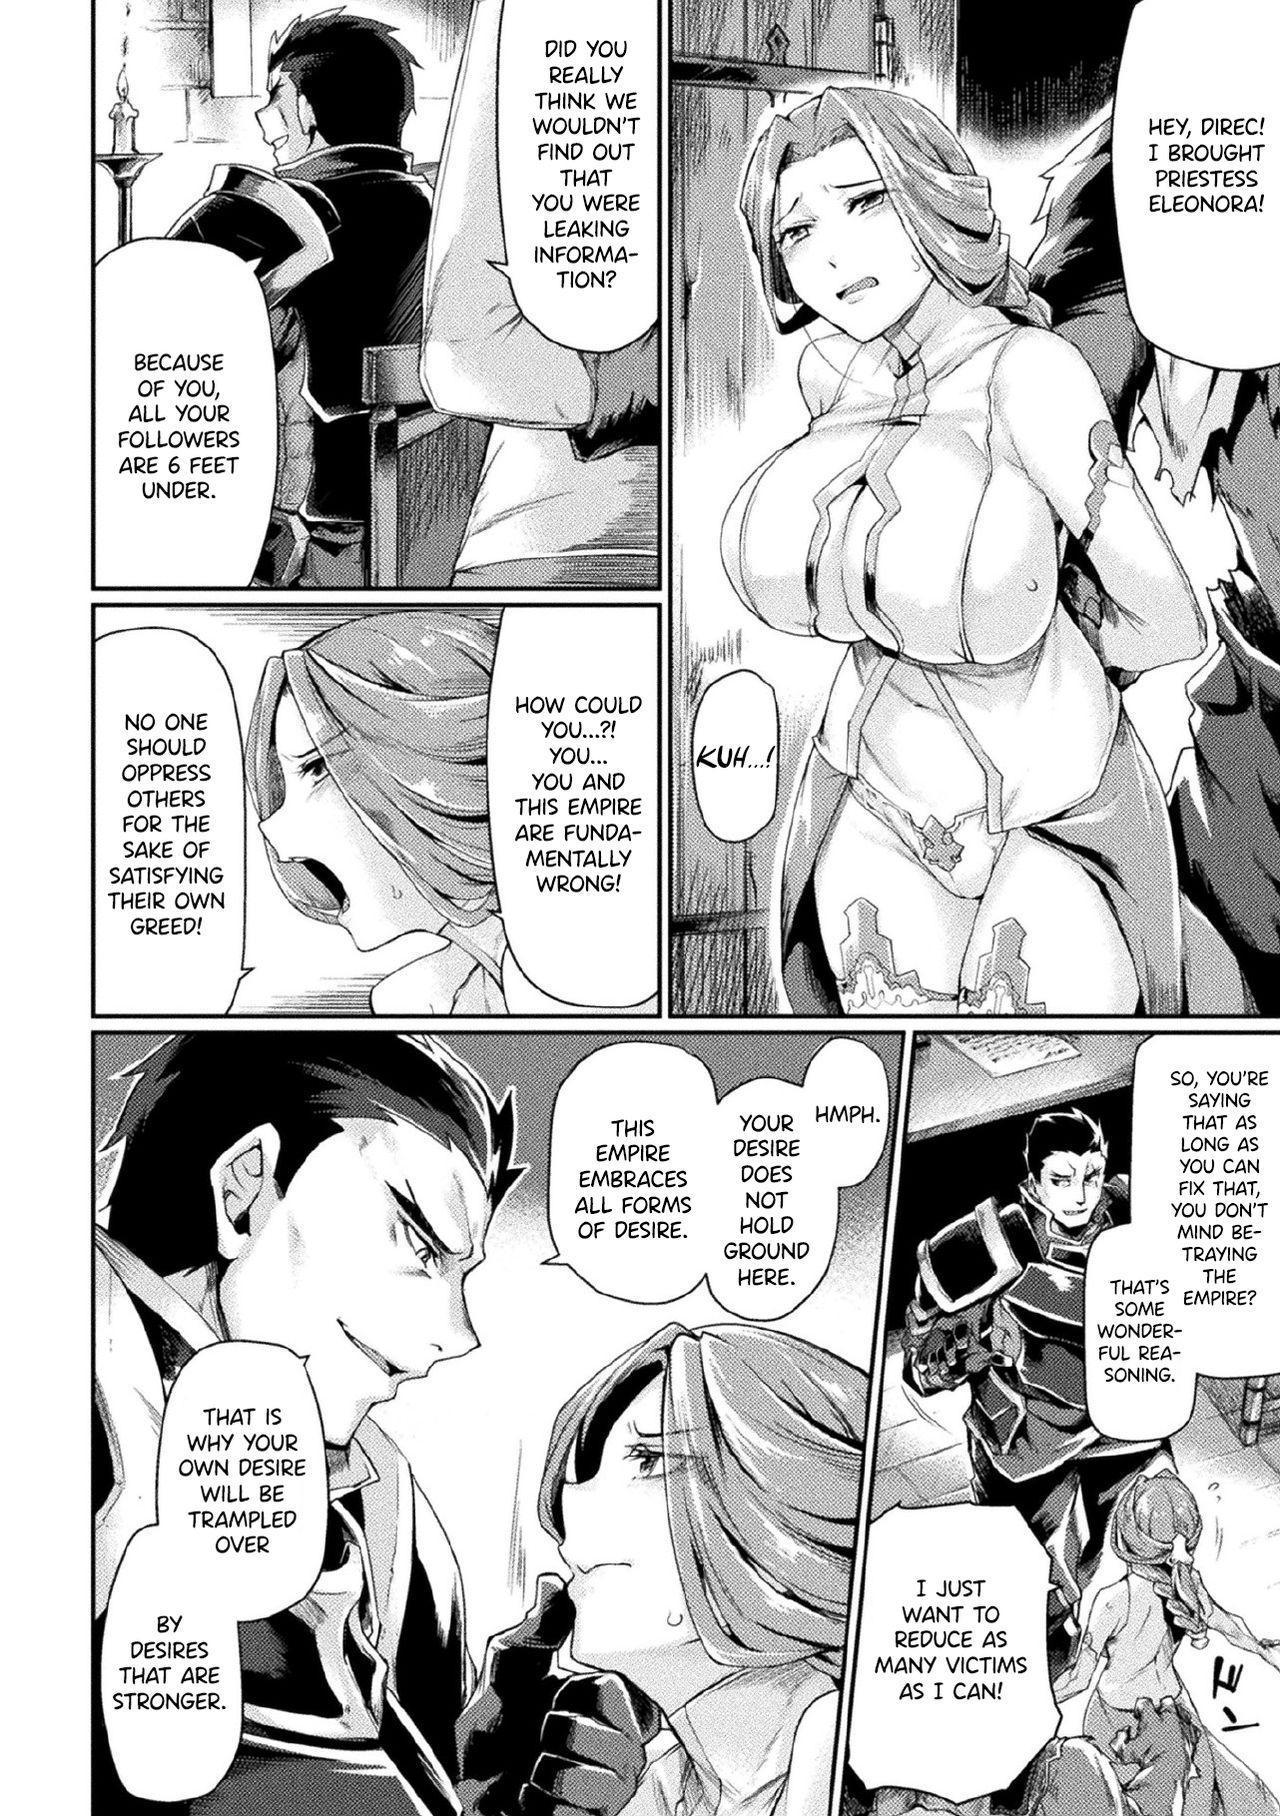 [Tsukitokage] Kuroinu II ~Inyoku ni Somaru Haitoku no Miyako, Futatabi~ THE COMIC Chapter 2 (Haiboku Otome Ecstasy Vol. 21) [English] {Hennojin} [Decensored] [Digital] 1